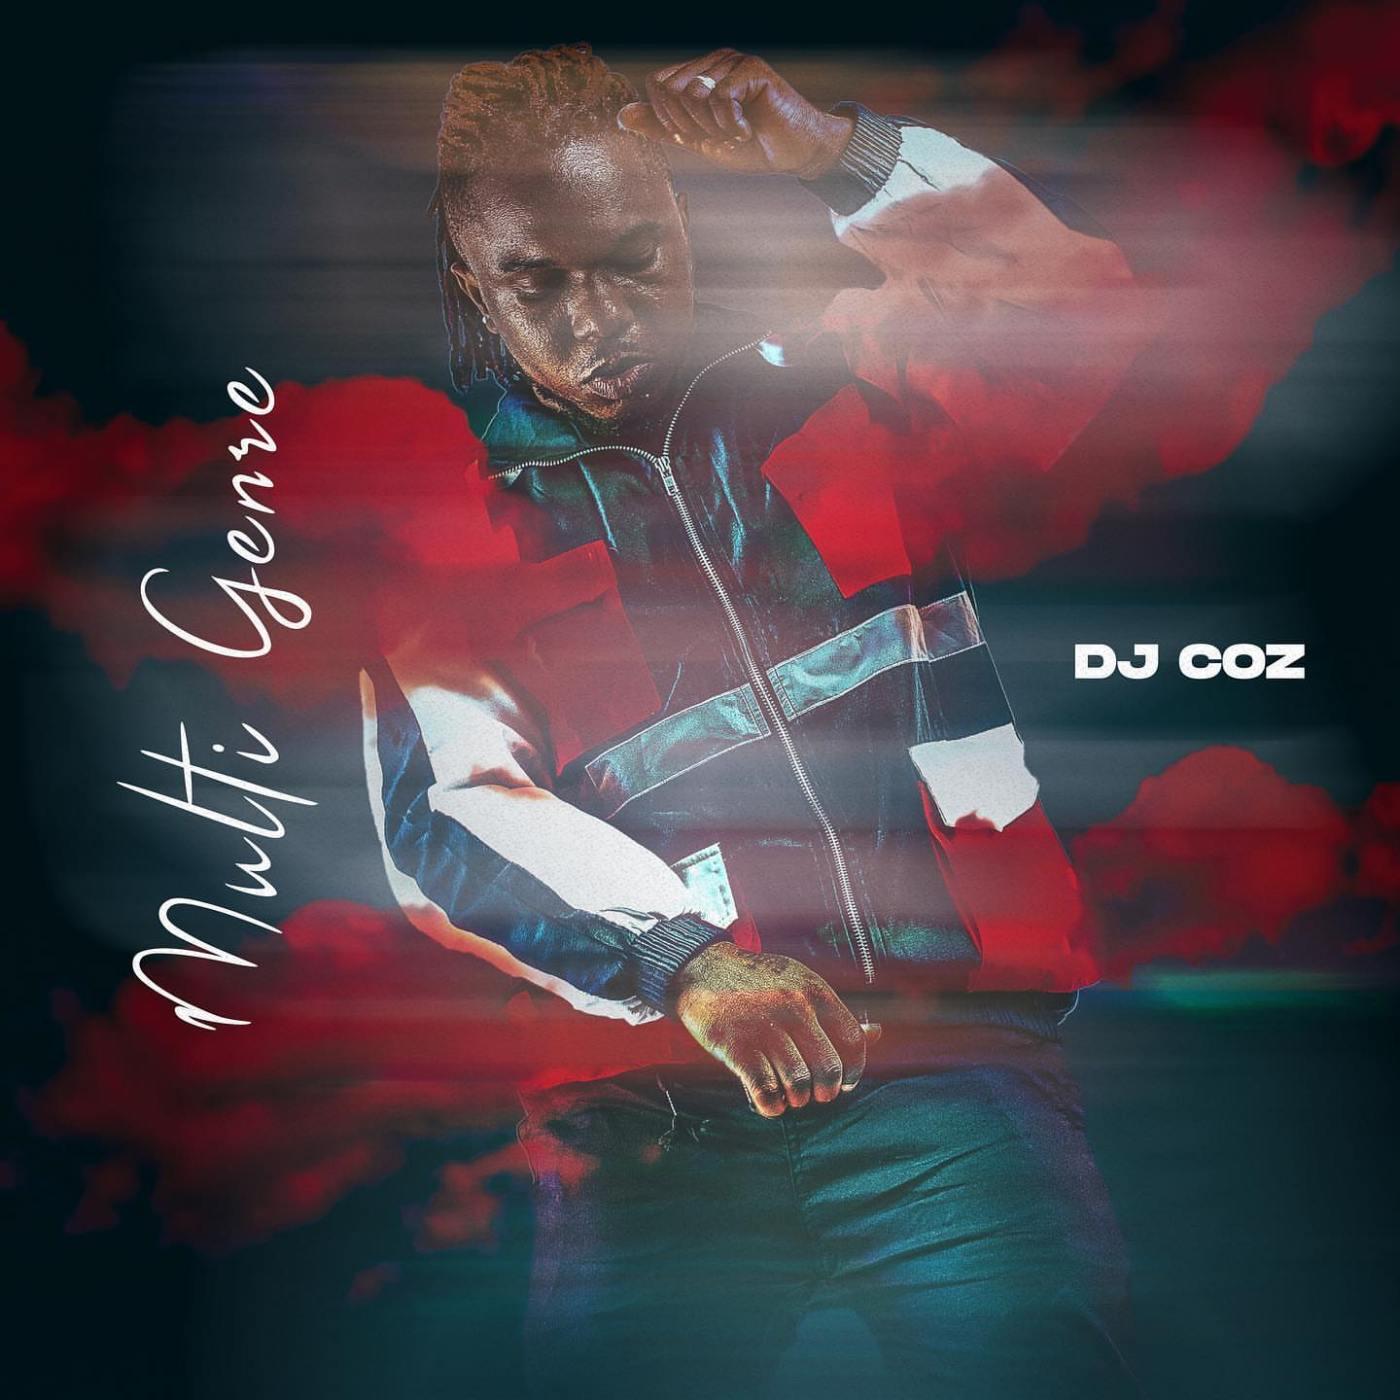 DJ Coz - Multi Genre EP